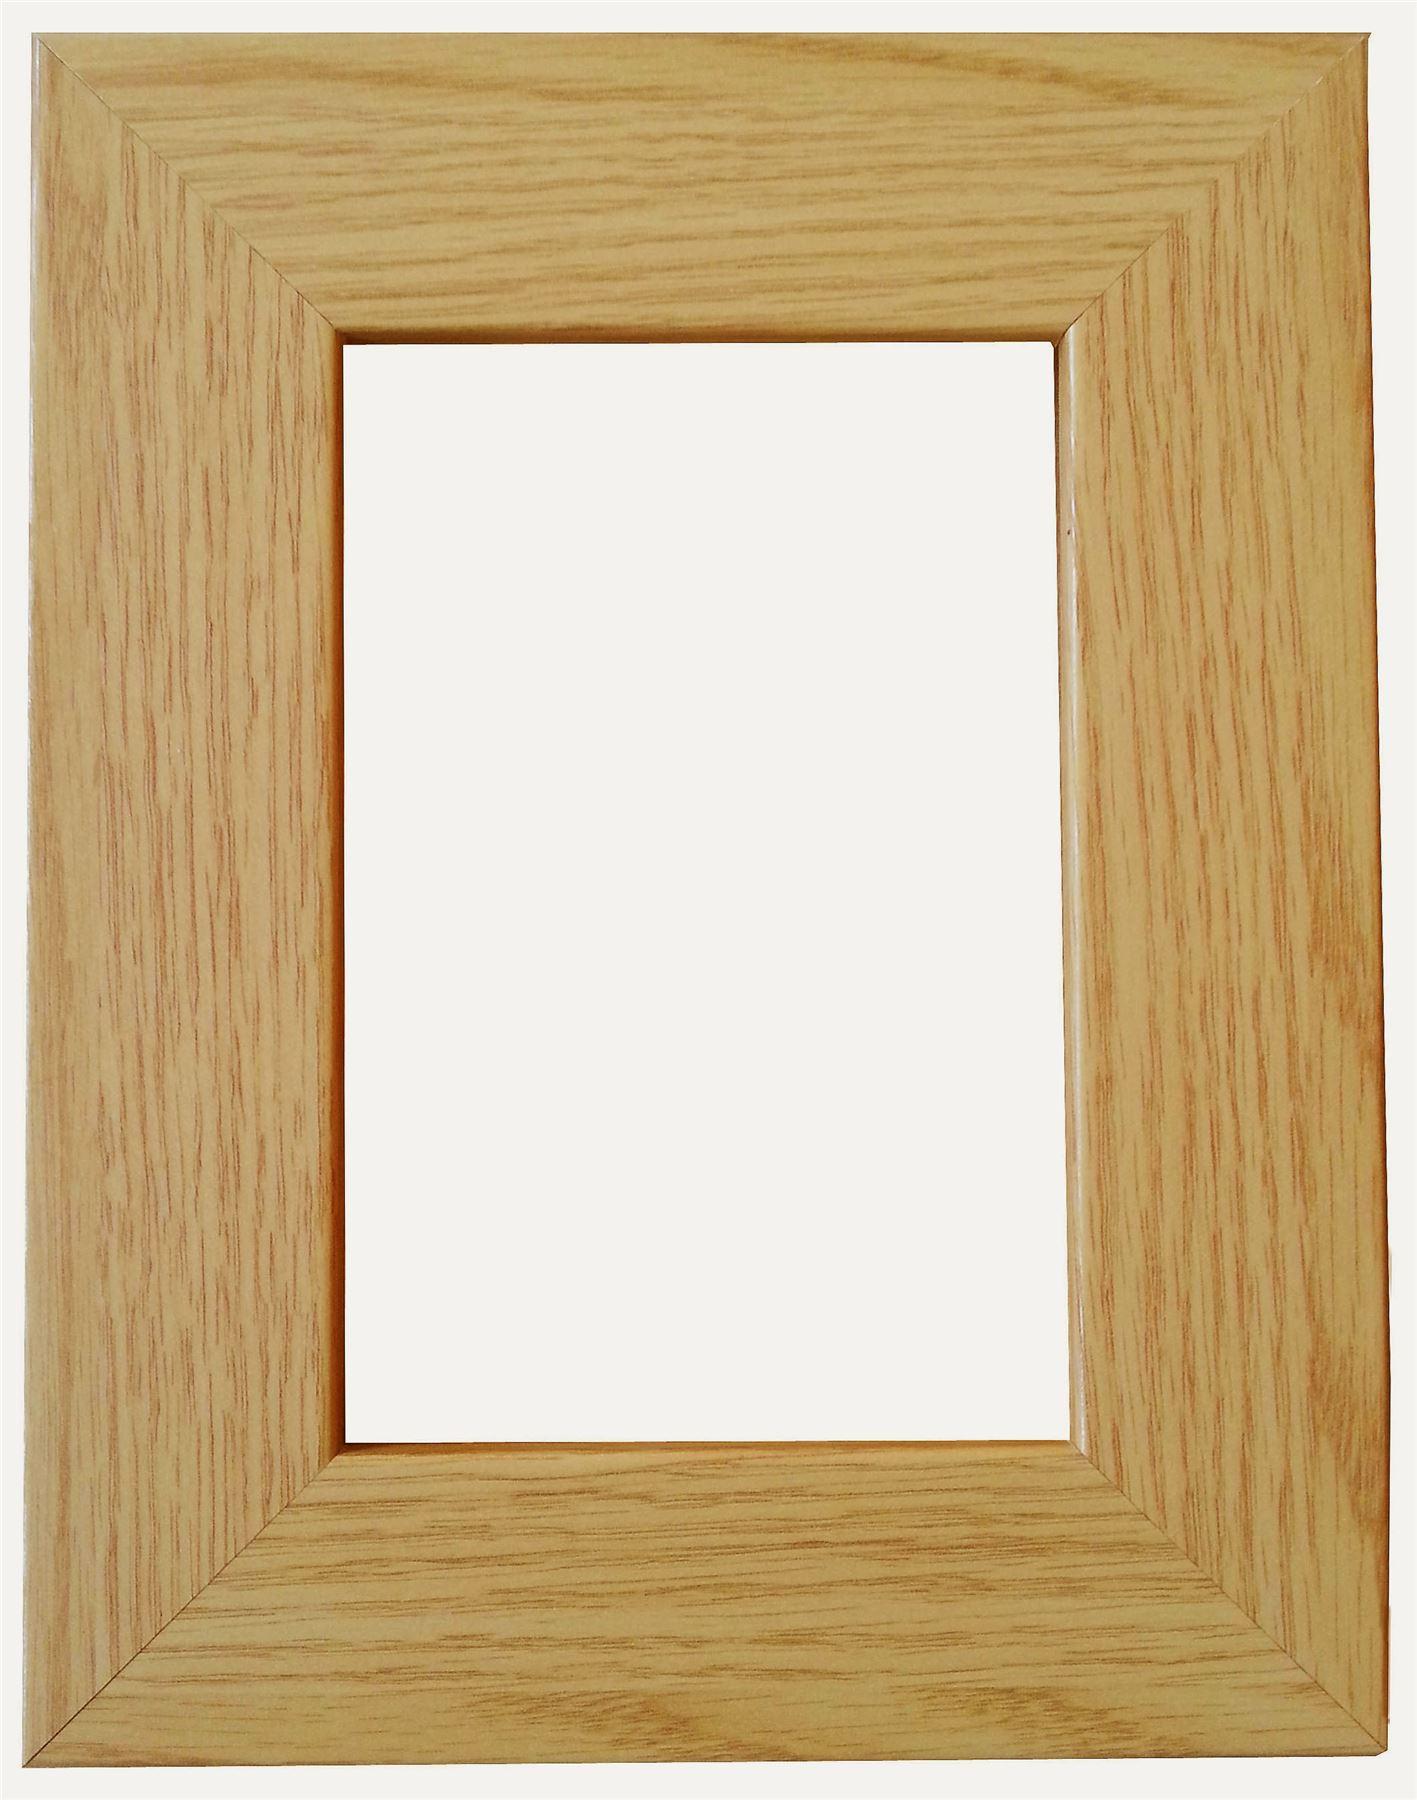 Poster frames brown